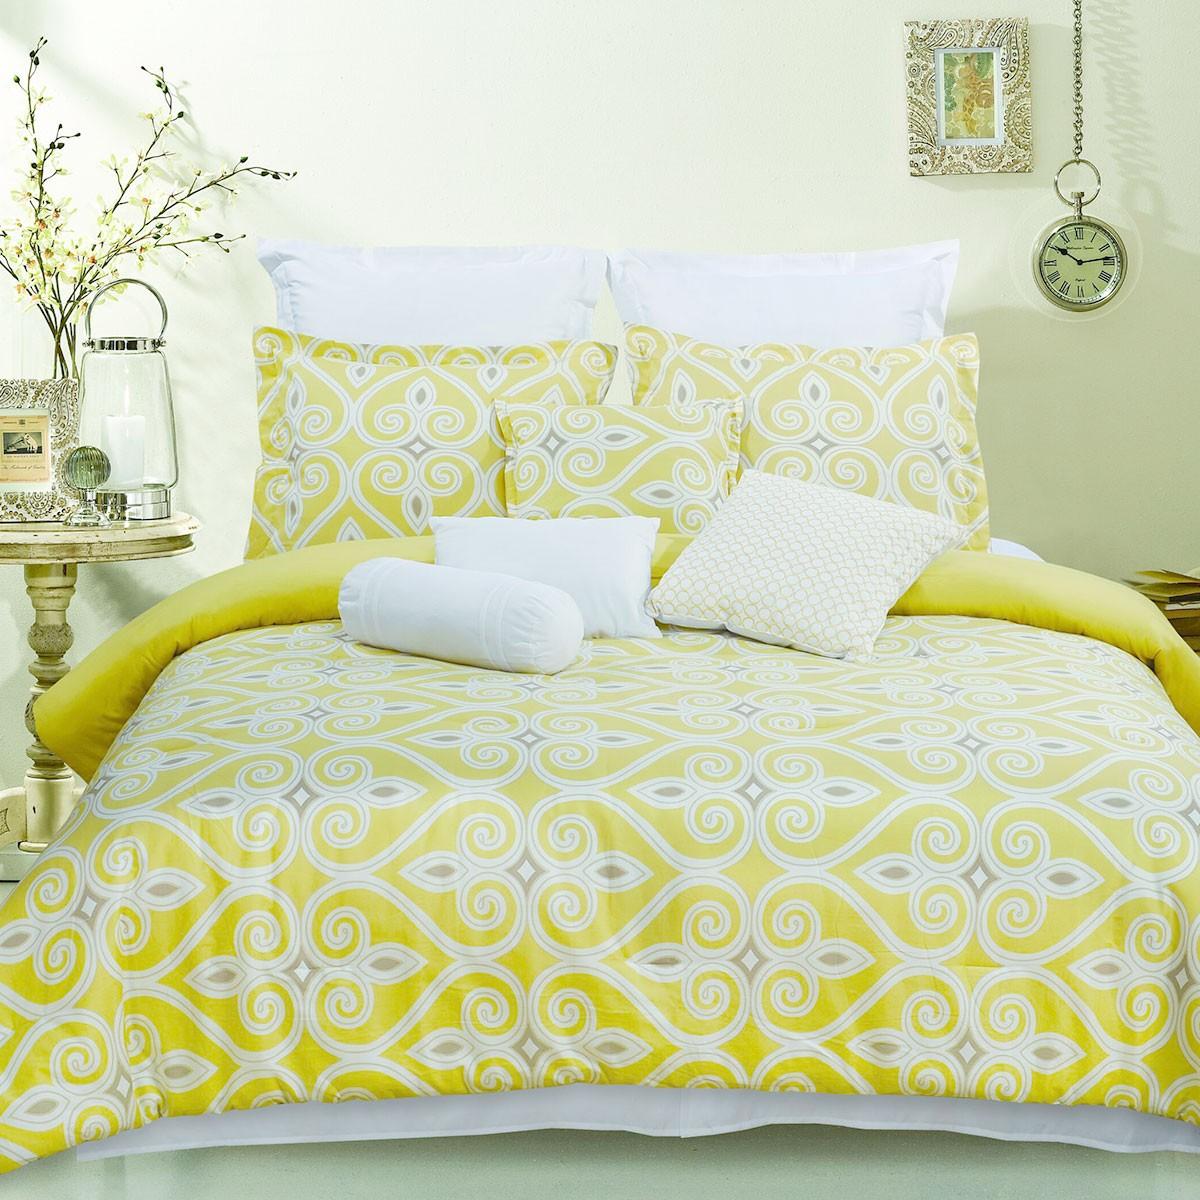 10-Piece Comforter Set in Yellow (DK-LJ001)